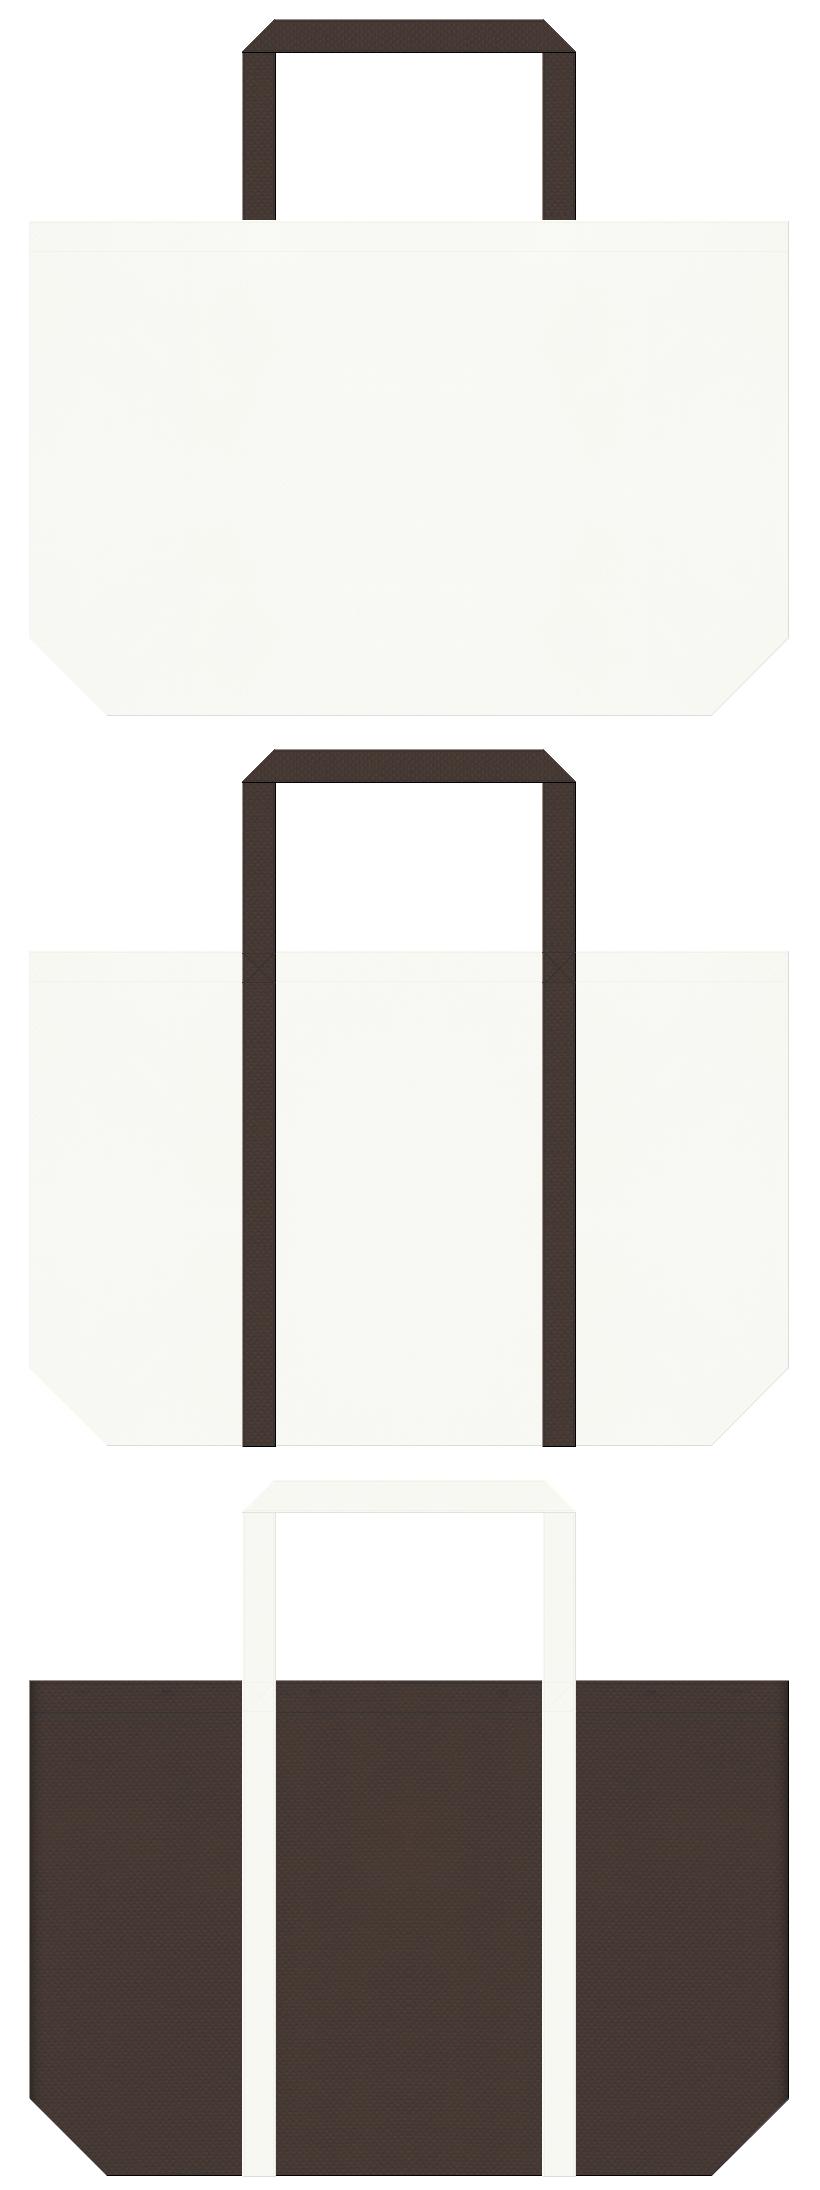 オフホワイト色とこげ茶色の不織布ショッピングバッグのデザイン。コーヒー器具・ベーカリーショップ・美容院・ネイルサロン・エステ・ランドリーバッグにお奨めの配色です。